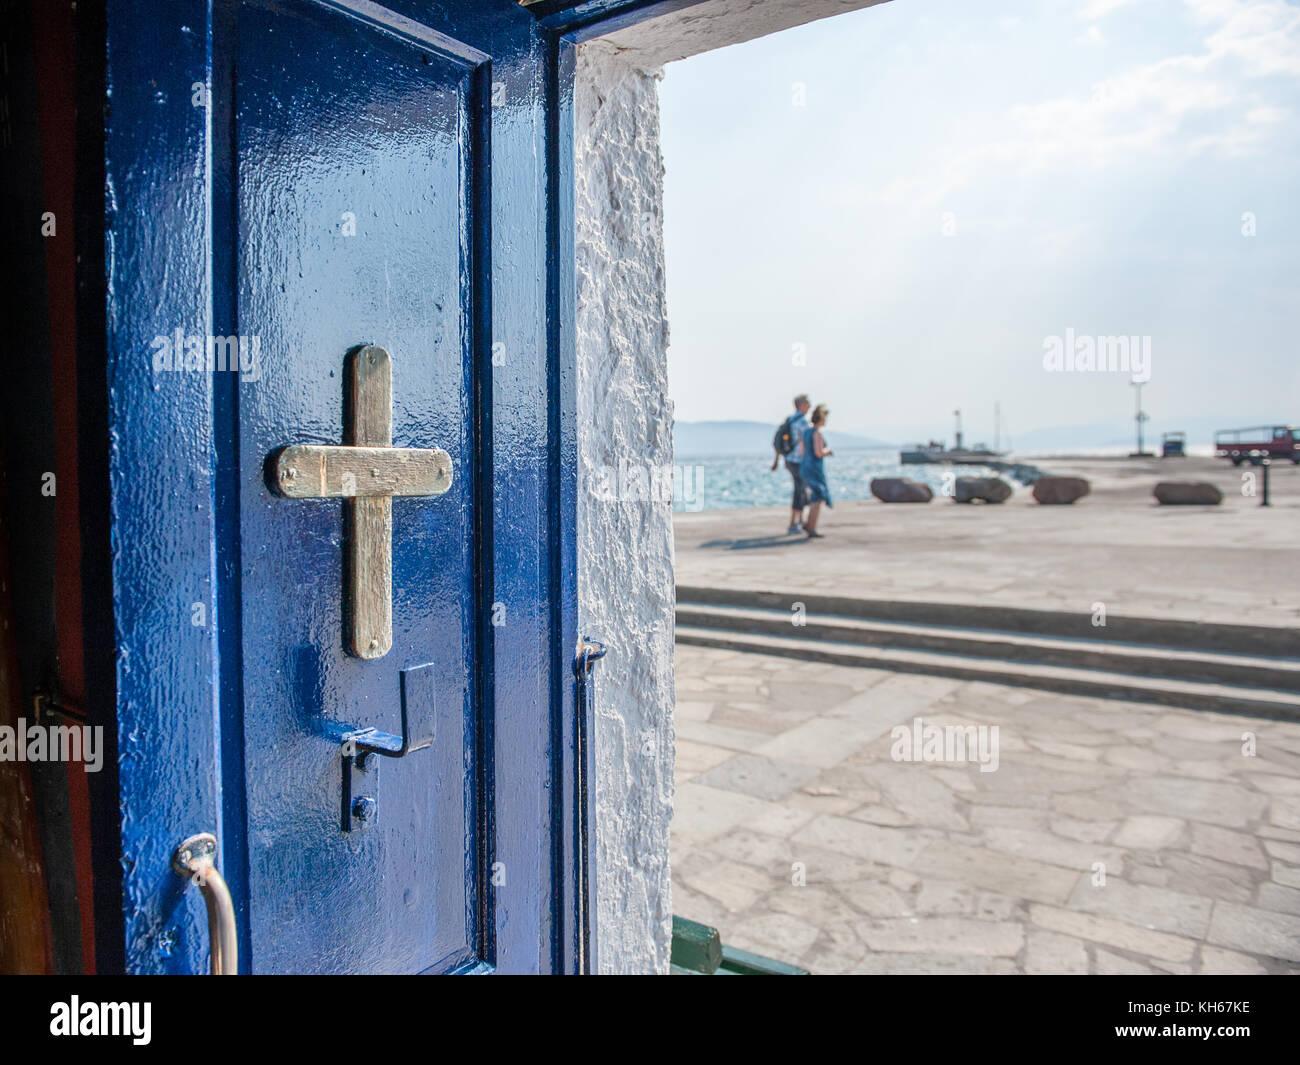 Kleine griechische Kapelle in Aegina Hafen entfernt. ägina ist eine griechische Insel in der Ägäis, die zu den Saronischen Stockfoto